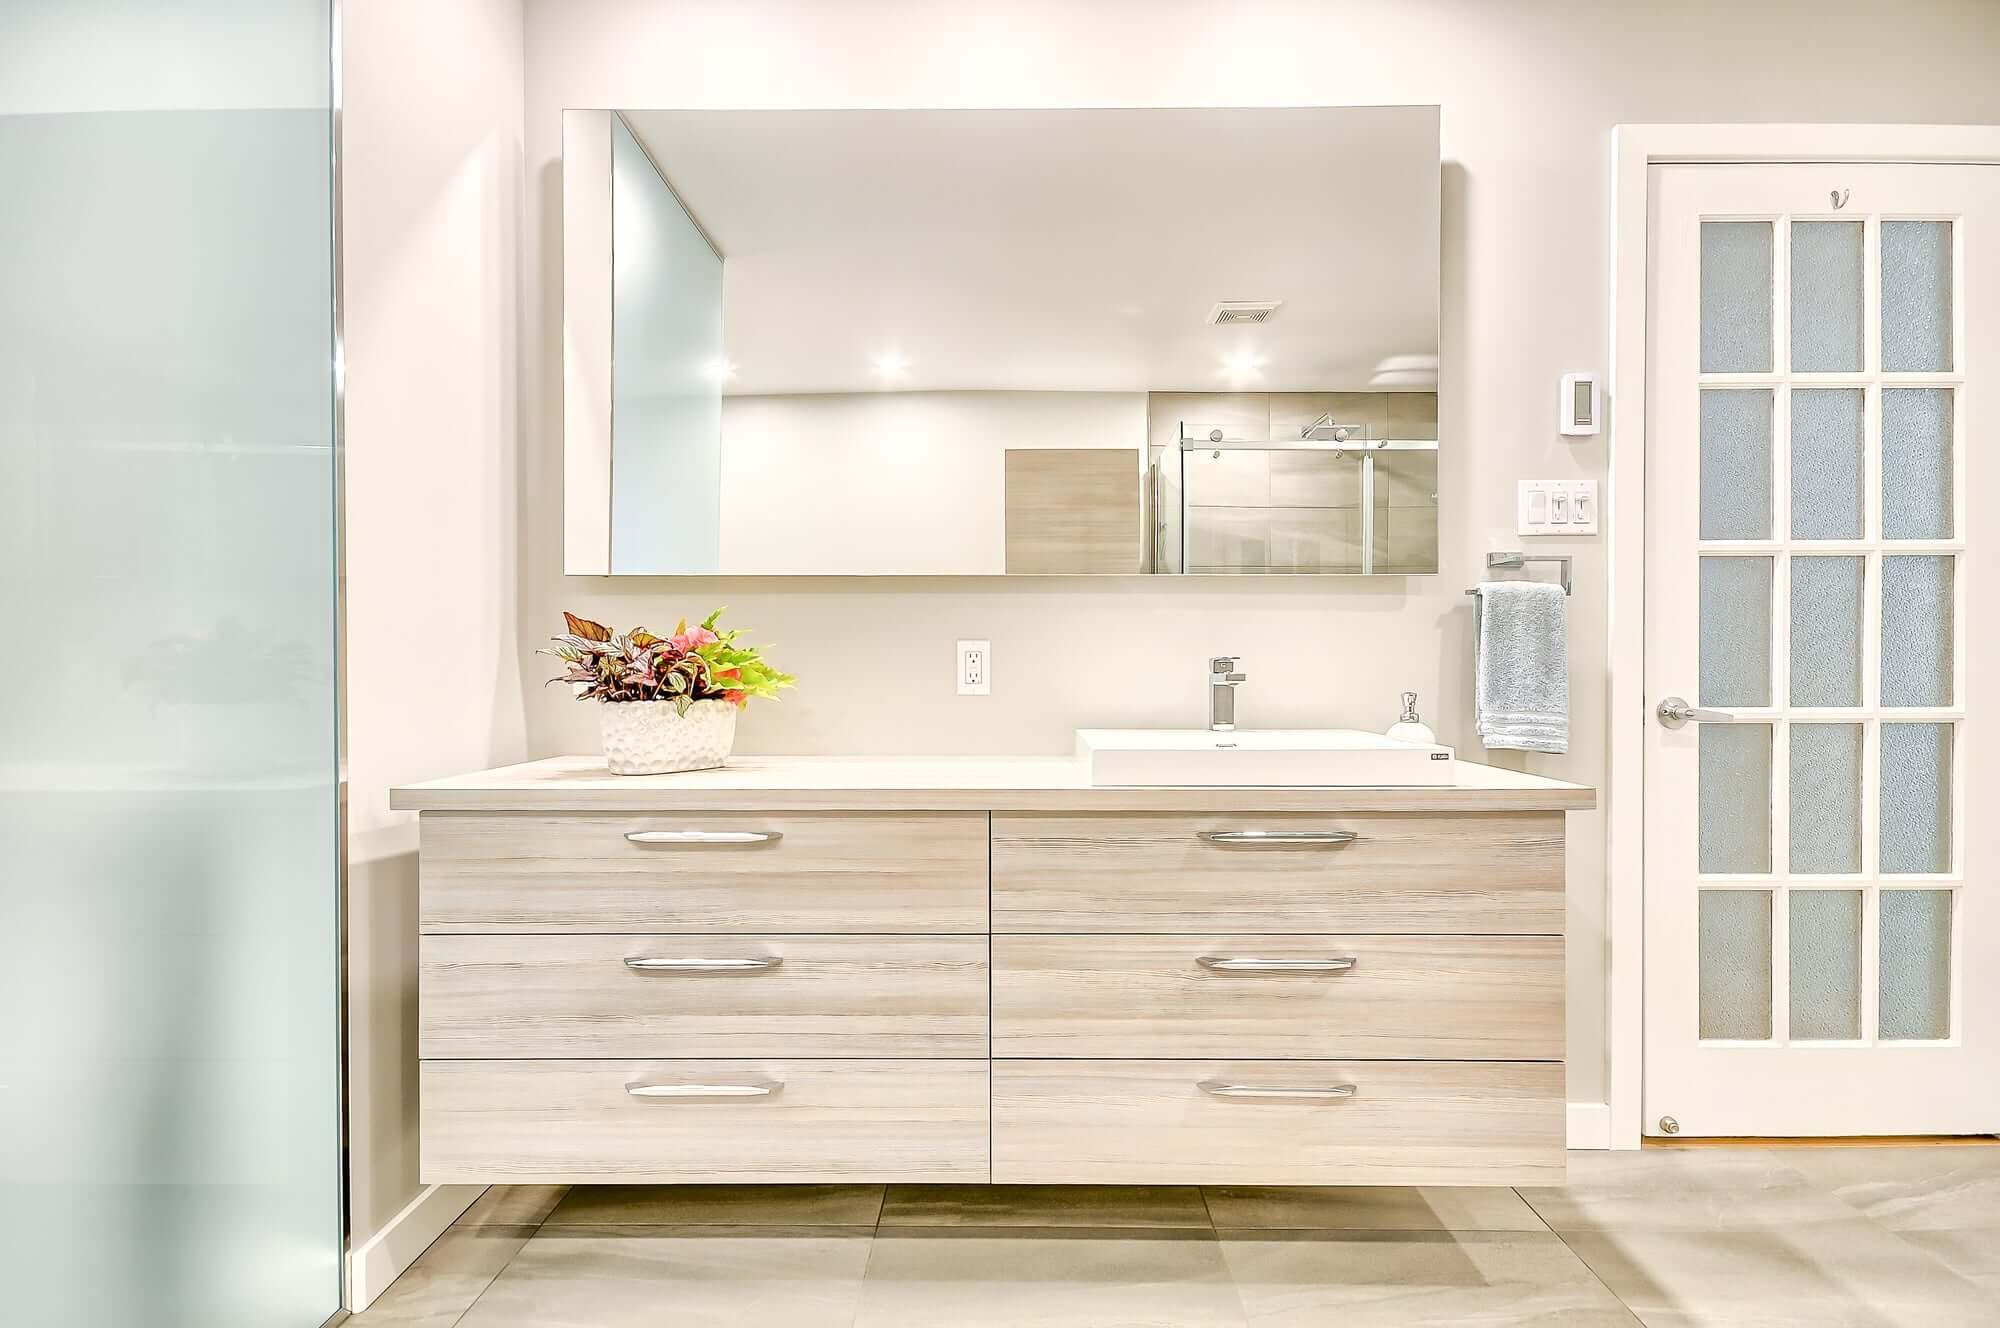 vanité-salle-de-bain